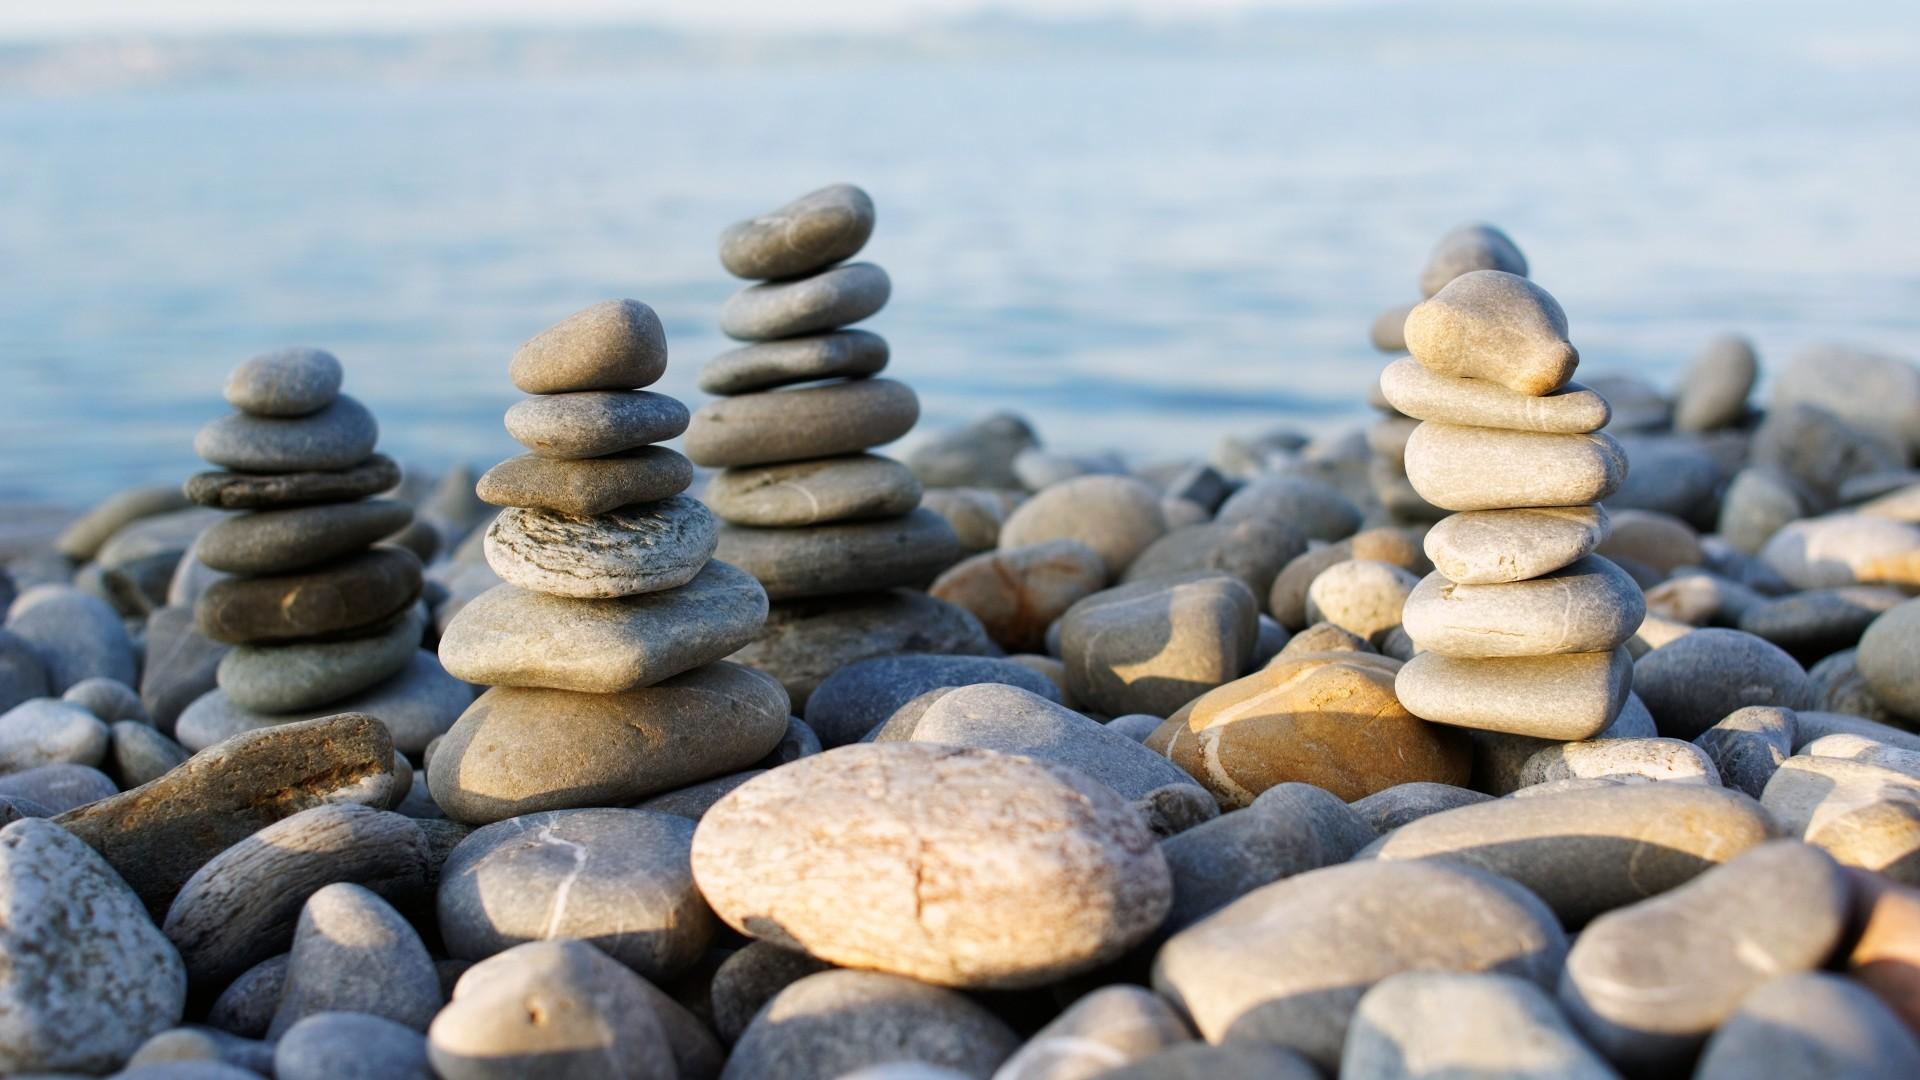 Zen Stone Pyramid Wallpaper theme